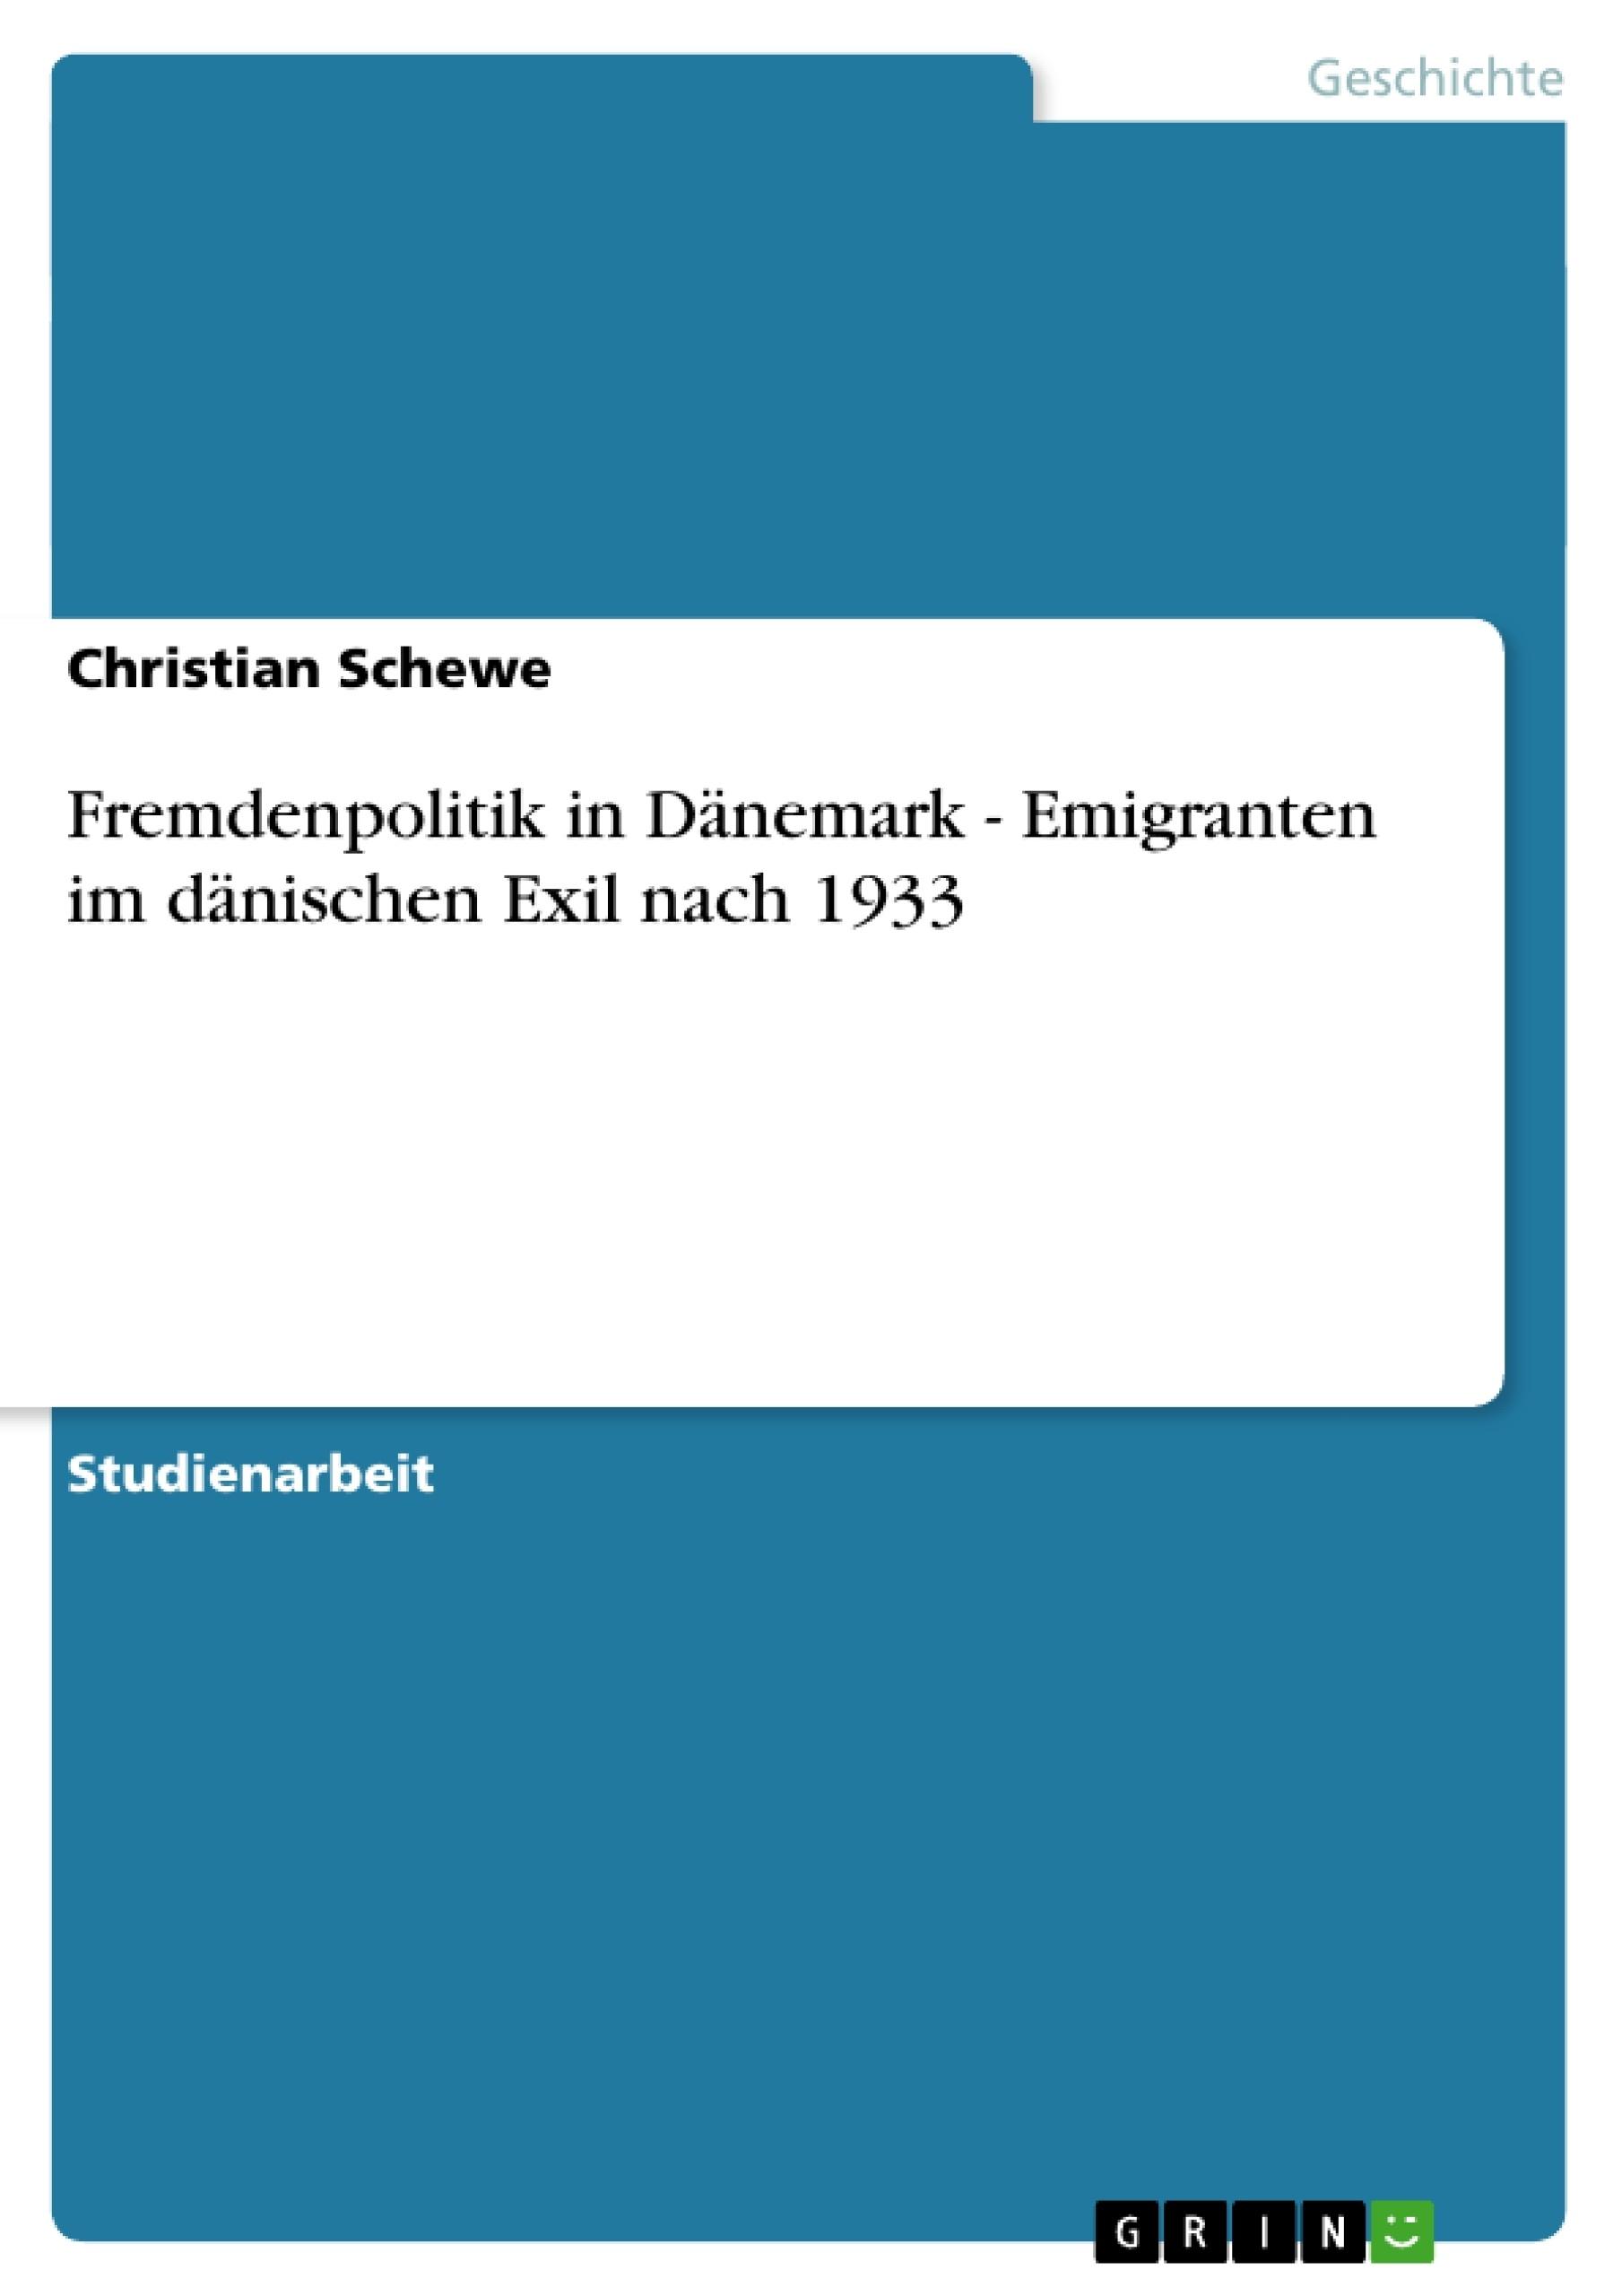 Titel: Fremdenpolitik in Dänemark - Emigranten im dänischen Exil nach 1933